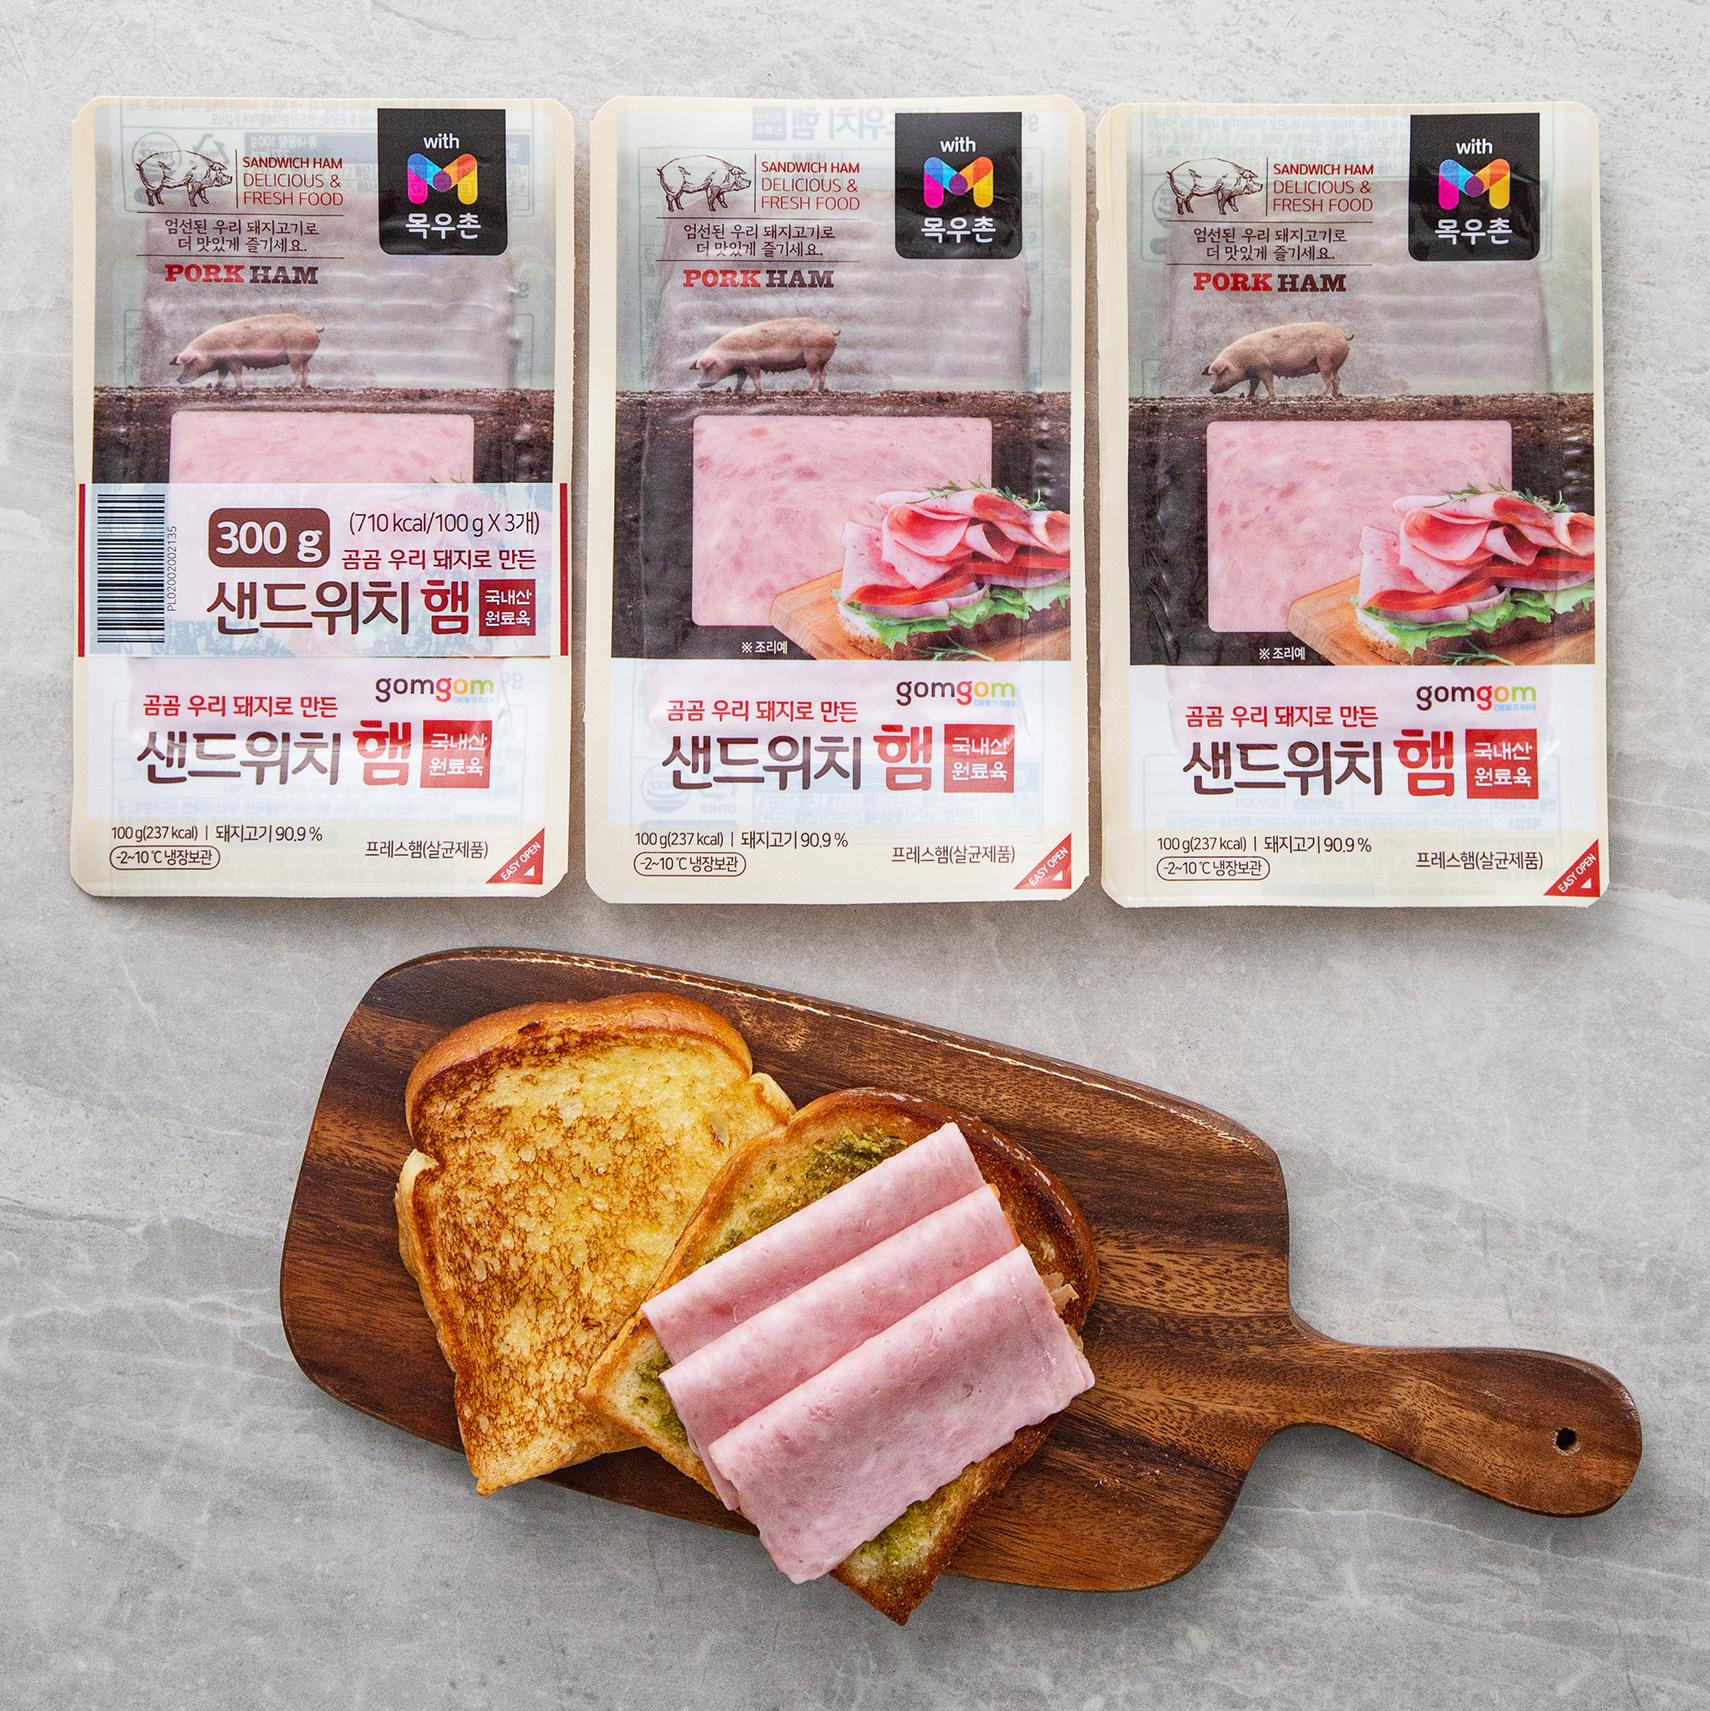 [슬라이스] 곰곰 샌드위치 햄, 100g, 3팩 - 랭킹3위 (5990원)